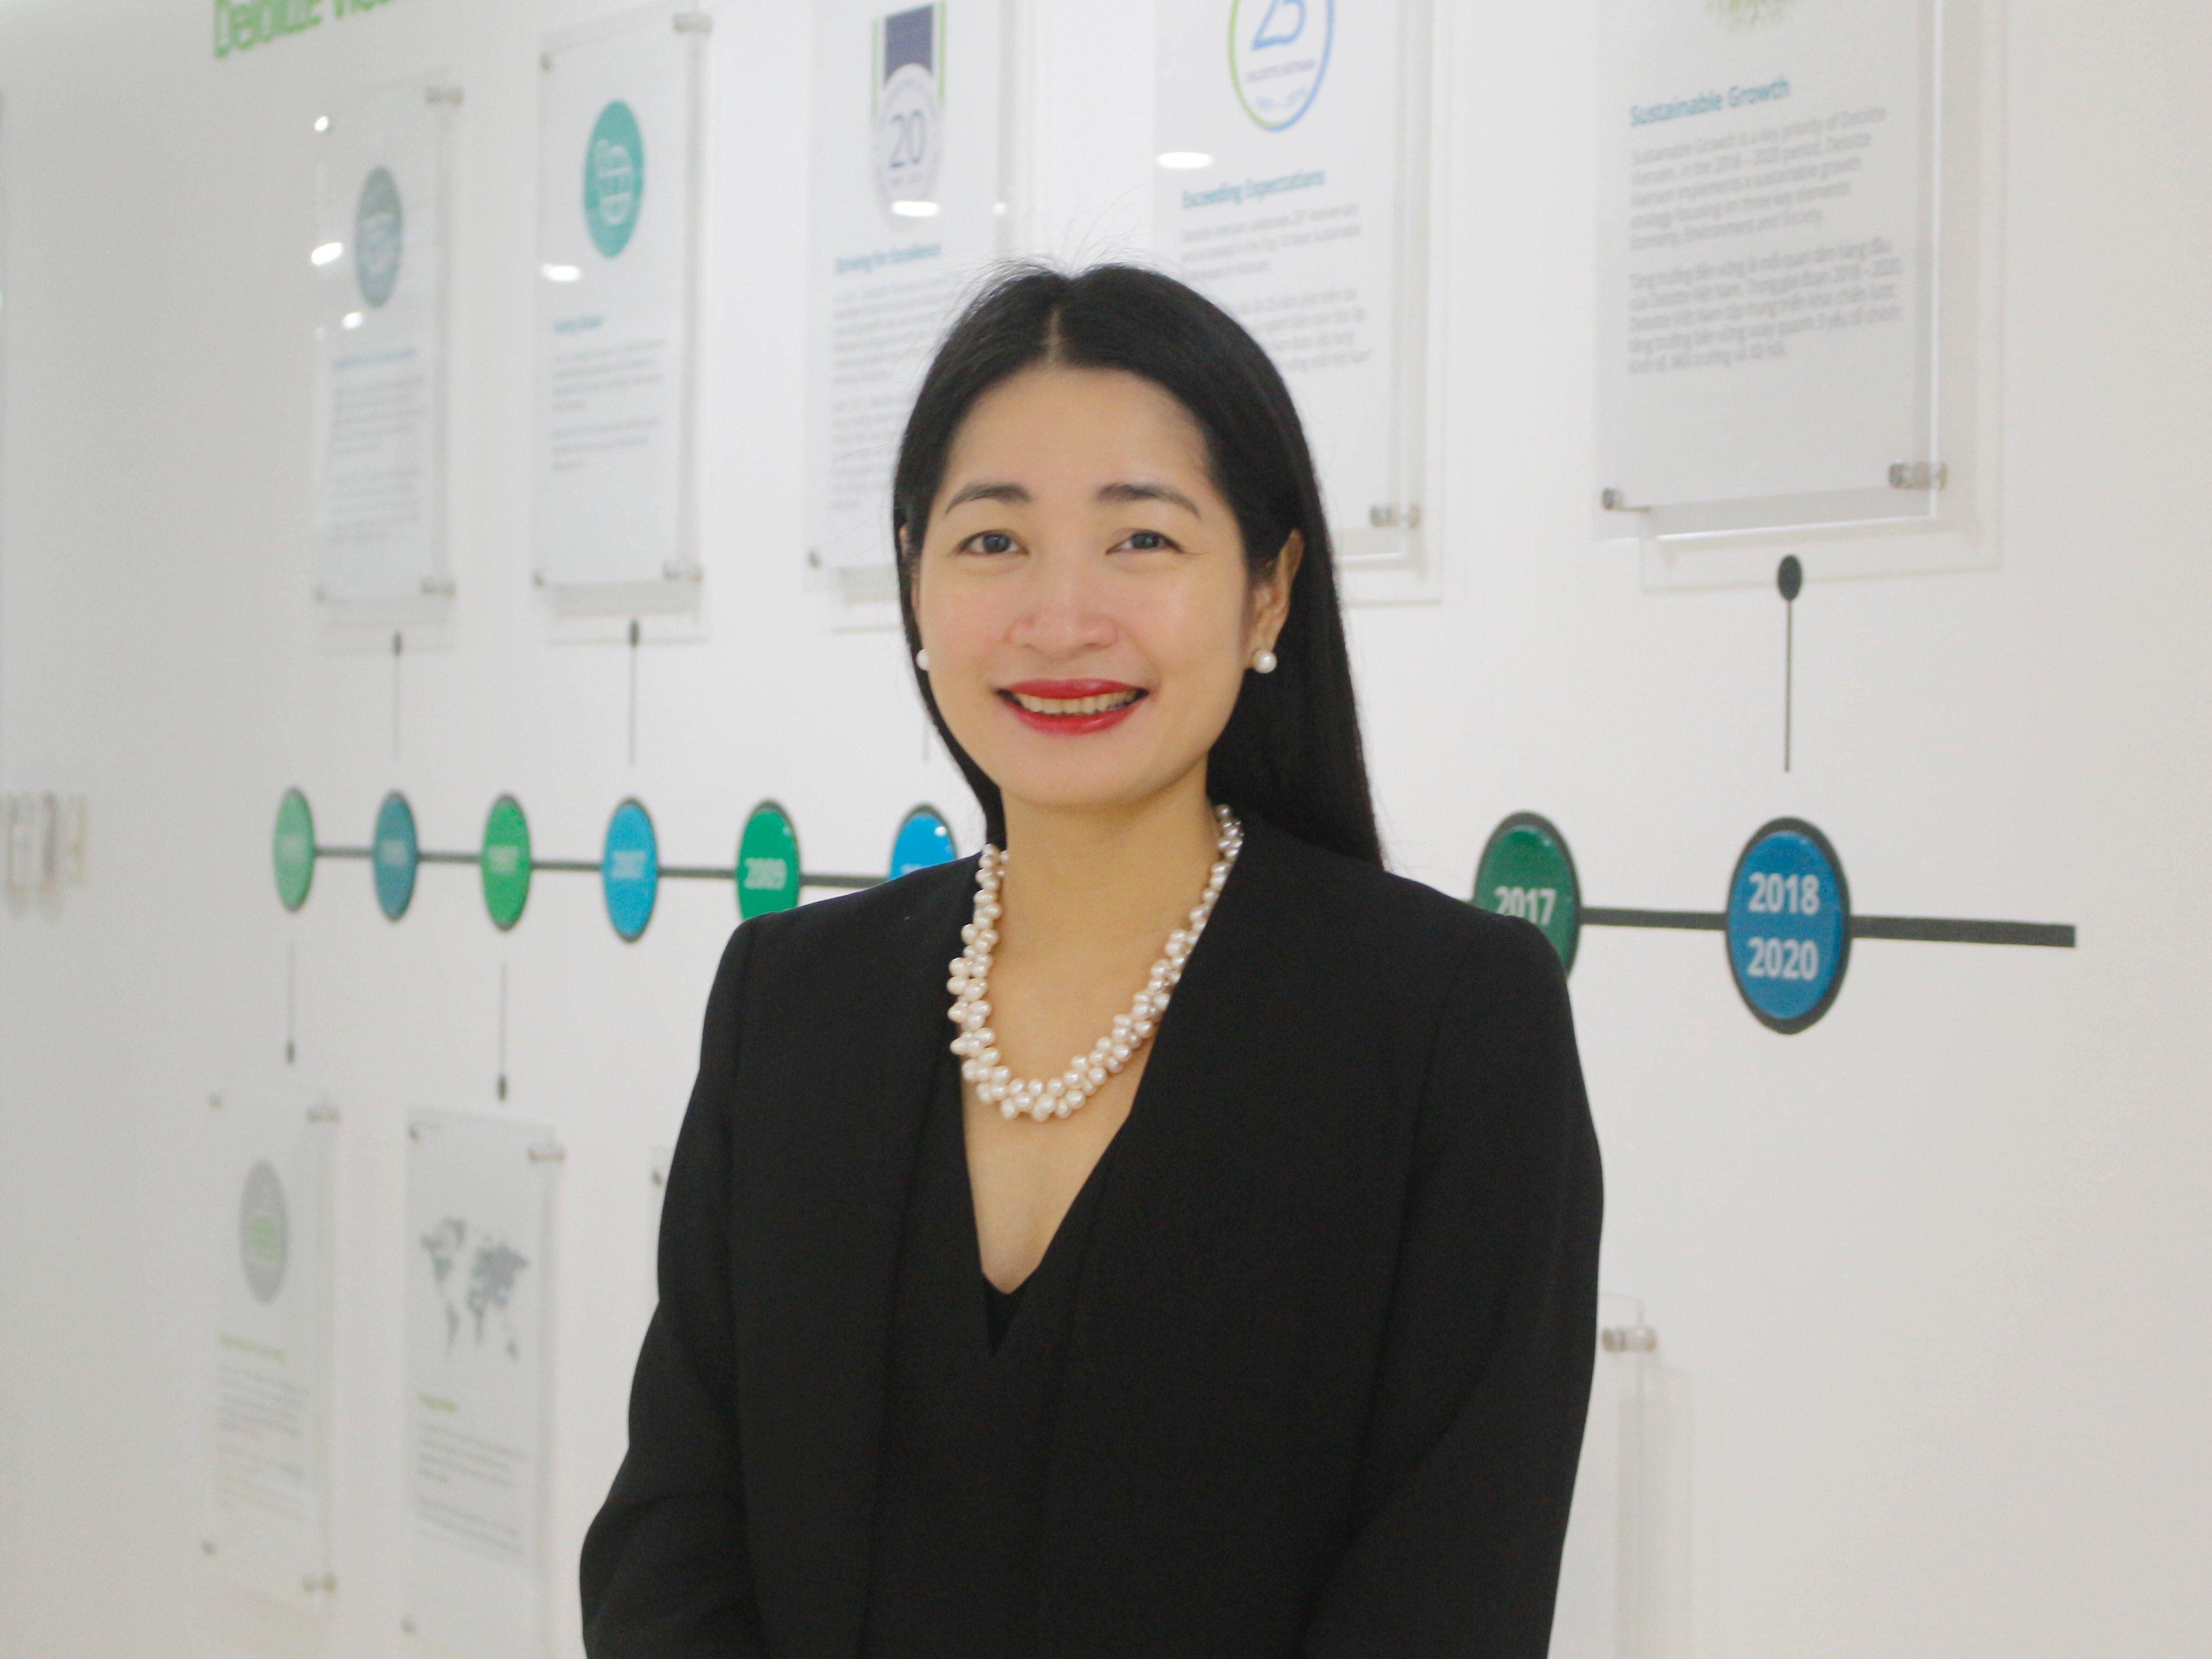 BàVũ Thu Ngà, Phó Tổng Giám đốc Deloitte Việt Nam.